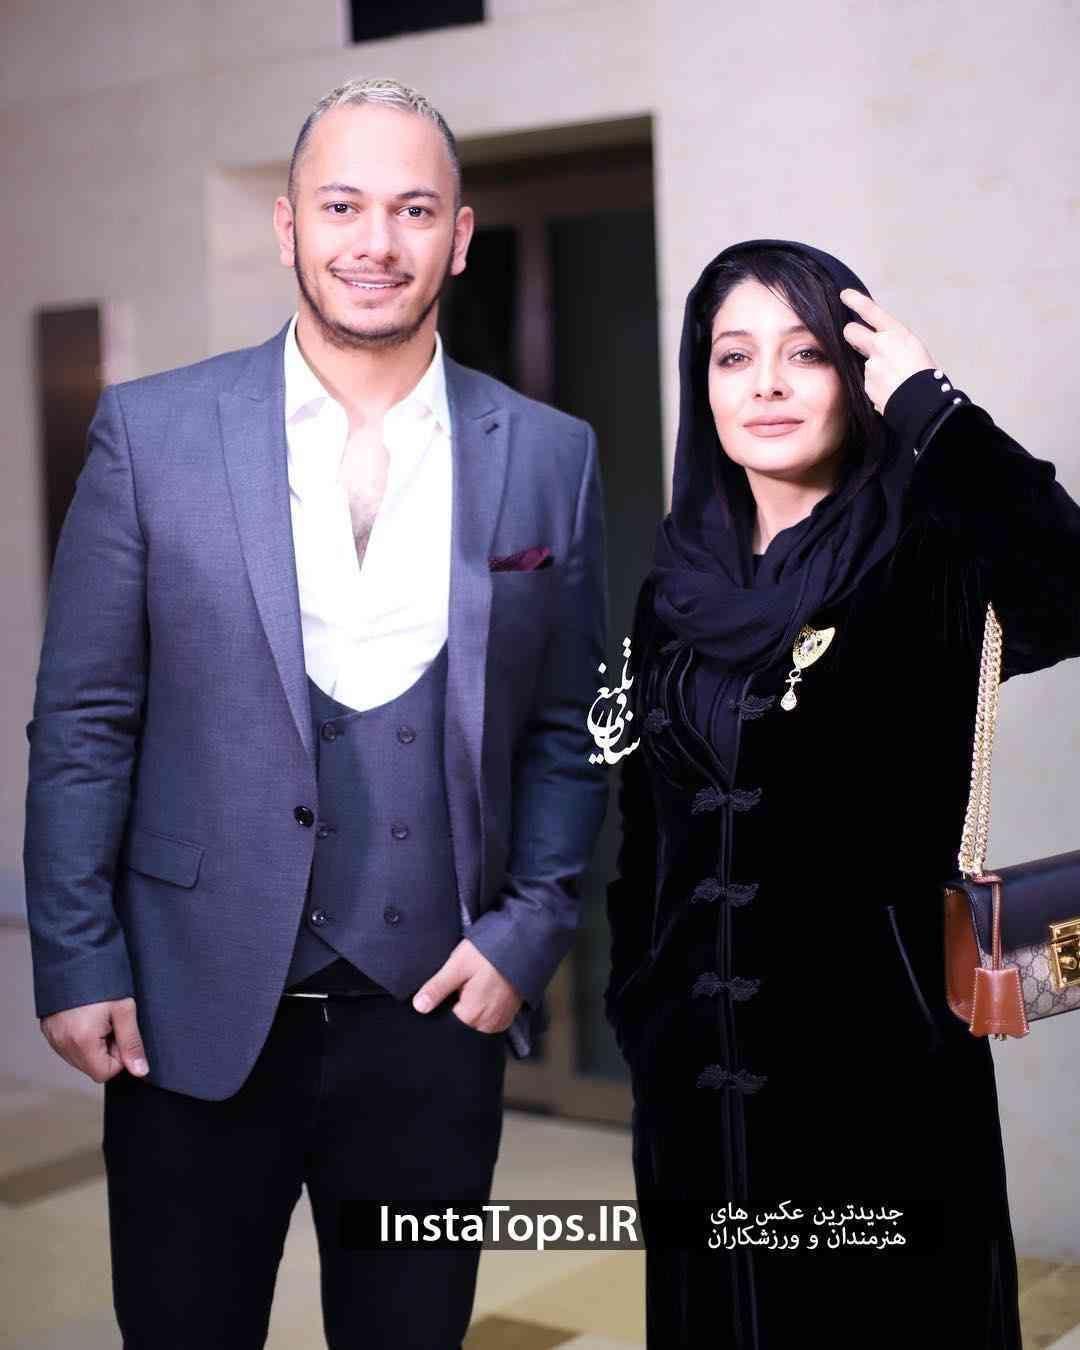 ساره بیات و اشوان   Iranian actors, Persian girls, Actors & actresses